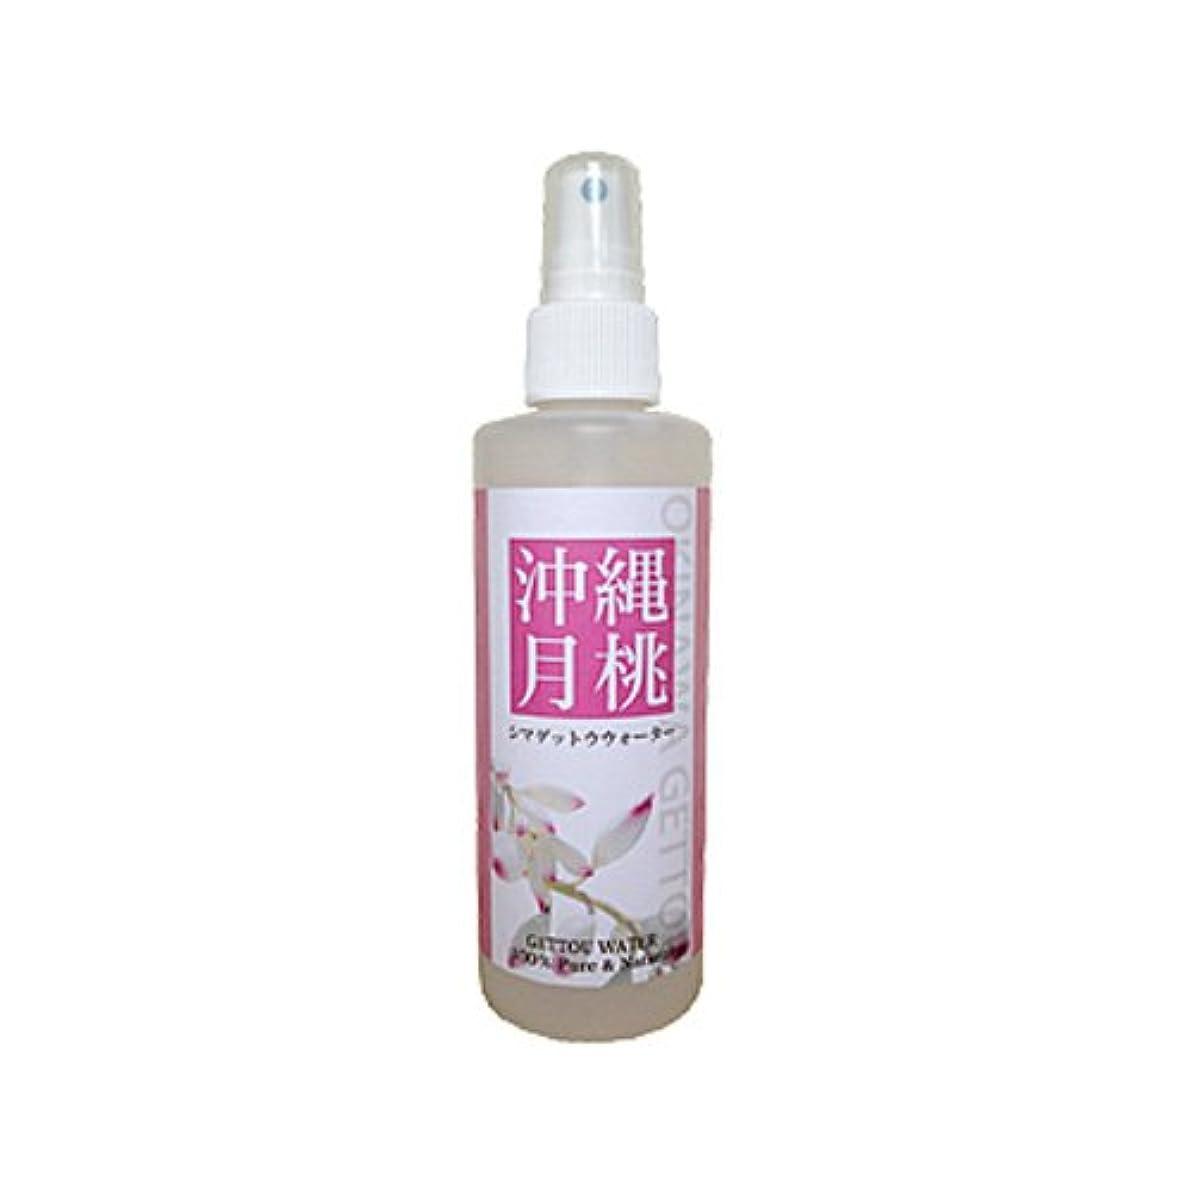 批判的繊毛トライアスリート月桃蒸留水 フローラルウォーター シマ月桃葉100%使用 200ml